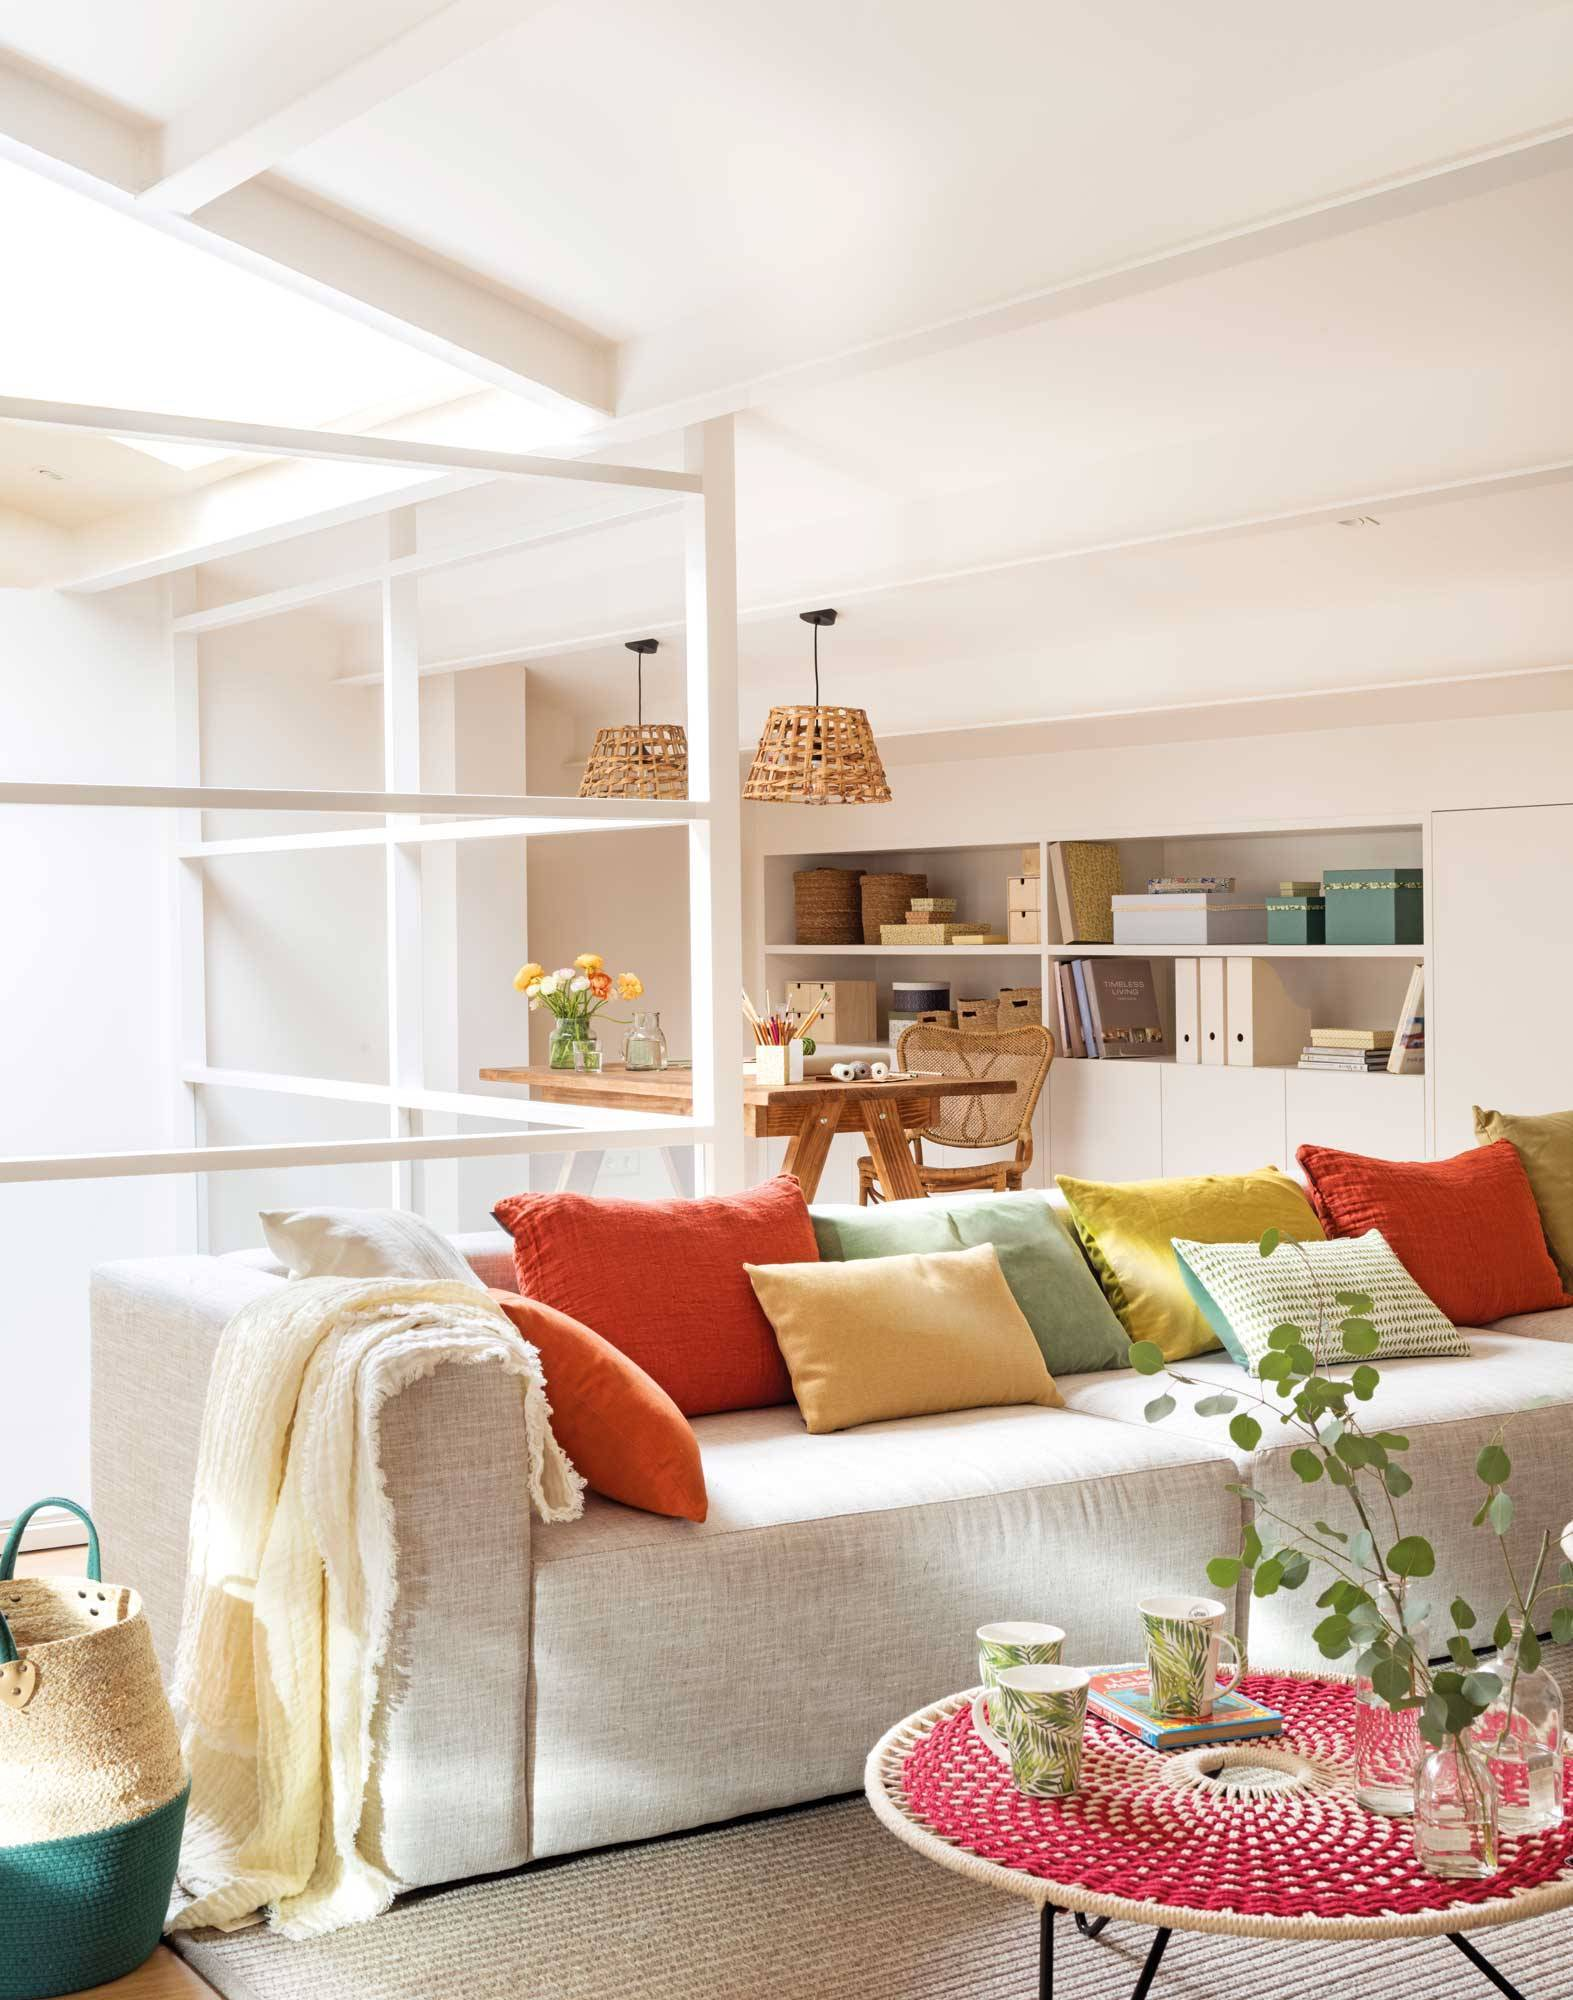 00501608 49ee5e26 1573x2000. Los lisos también triunfan 有着鲜艳色彩抱枕的沙发空间